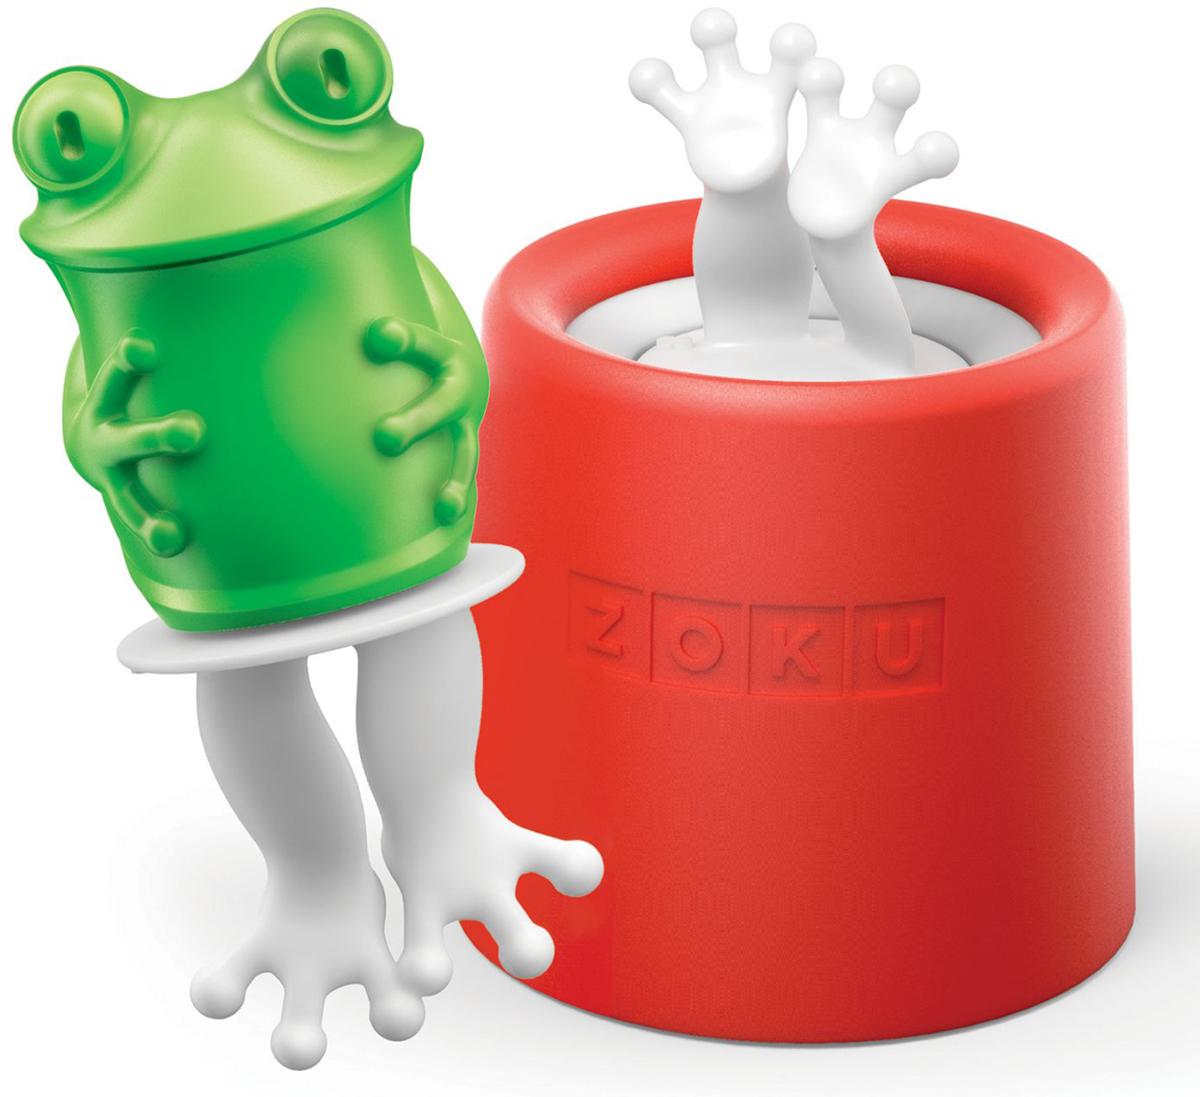 Форма для мороженого Zoku Frog, 8 х 45 мл. ZK123-011ZK123-011Уникальная коллекция формочек для мороженого Zoku включает в себя 8 разных фигурок, с помощью которых вы сможете готовить вкусные и полезные домашние десерты. Теперь каждому члену семьи достанется свой персонаж, и не придется путаться в том, кому и какое лакомство принадлежит. Изделия выполнены из полипропилена и силикона. Для приготовления мороженого залейте жидкость в форму до отметки и вставьте внутрь палочку. Оставьте в морозильной камере на восемь и более часов. Когда продукт готов, просто вытащите палочку и наслаждайтесь натуральным десертом собственного приготовления.Объем - 45 мл. Форма не содержит вредных примесей и бисфенола-А. Моется вручную.